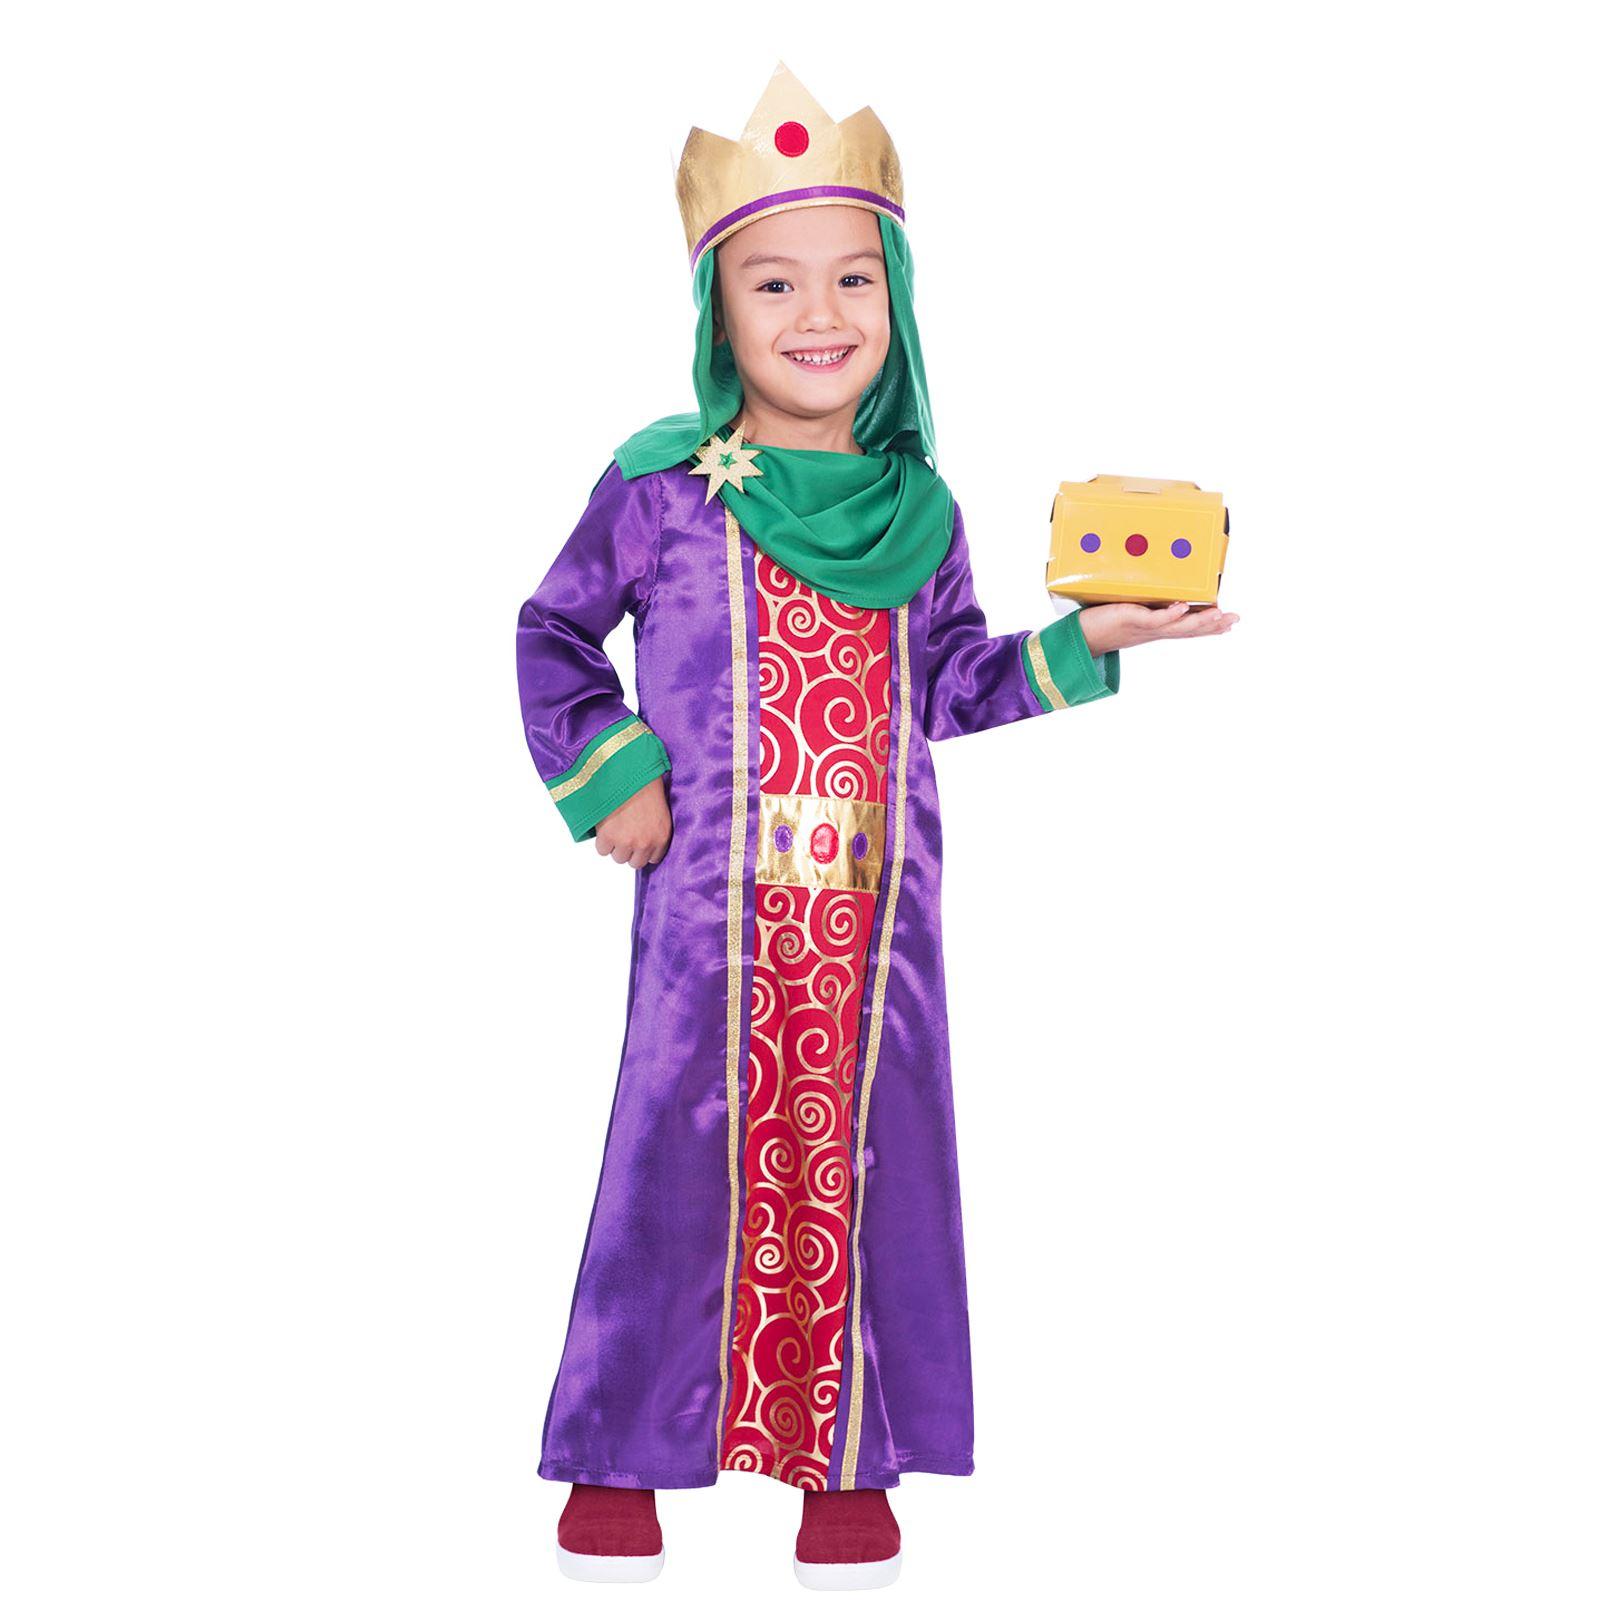 20987cb864a8 Bambini Natività Tre Kings Saggi Costume Natale Recita Scolastica | eBay